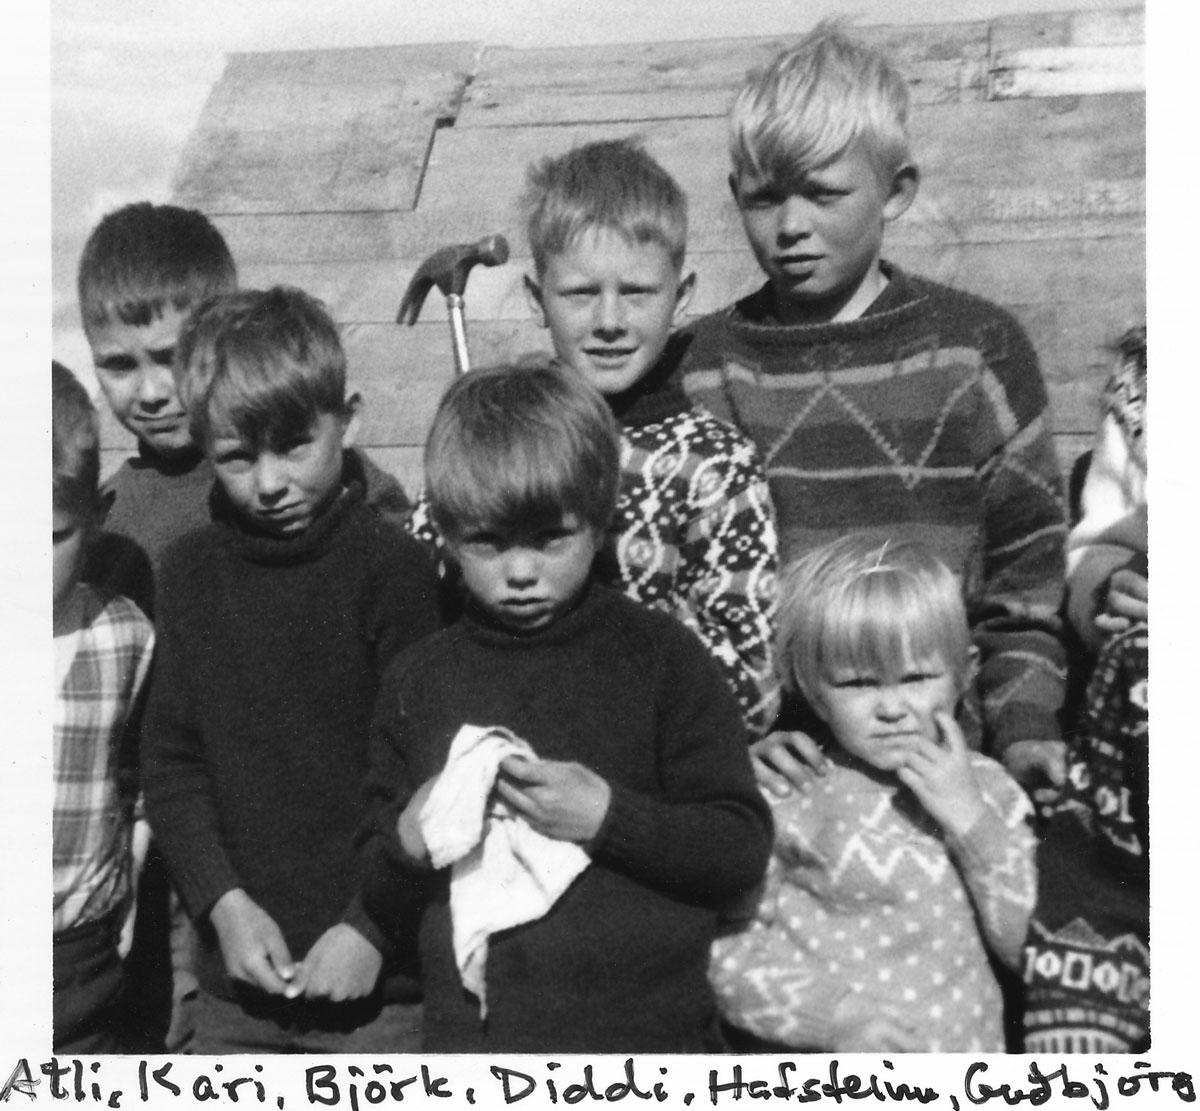 Atli, Kári, Björk, Diddi, Hafsteinn, Guðbjörg (Mynd: IB)